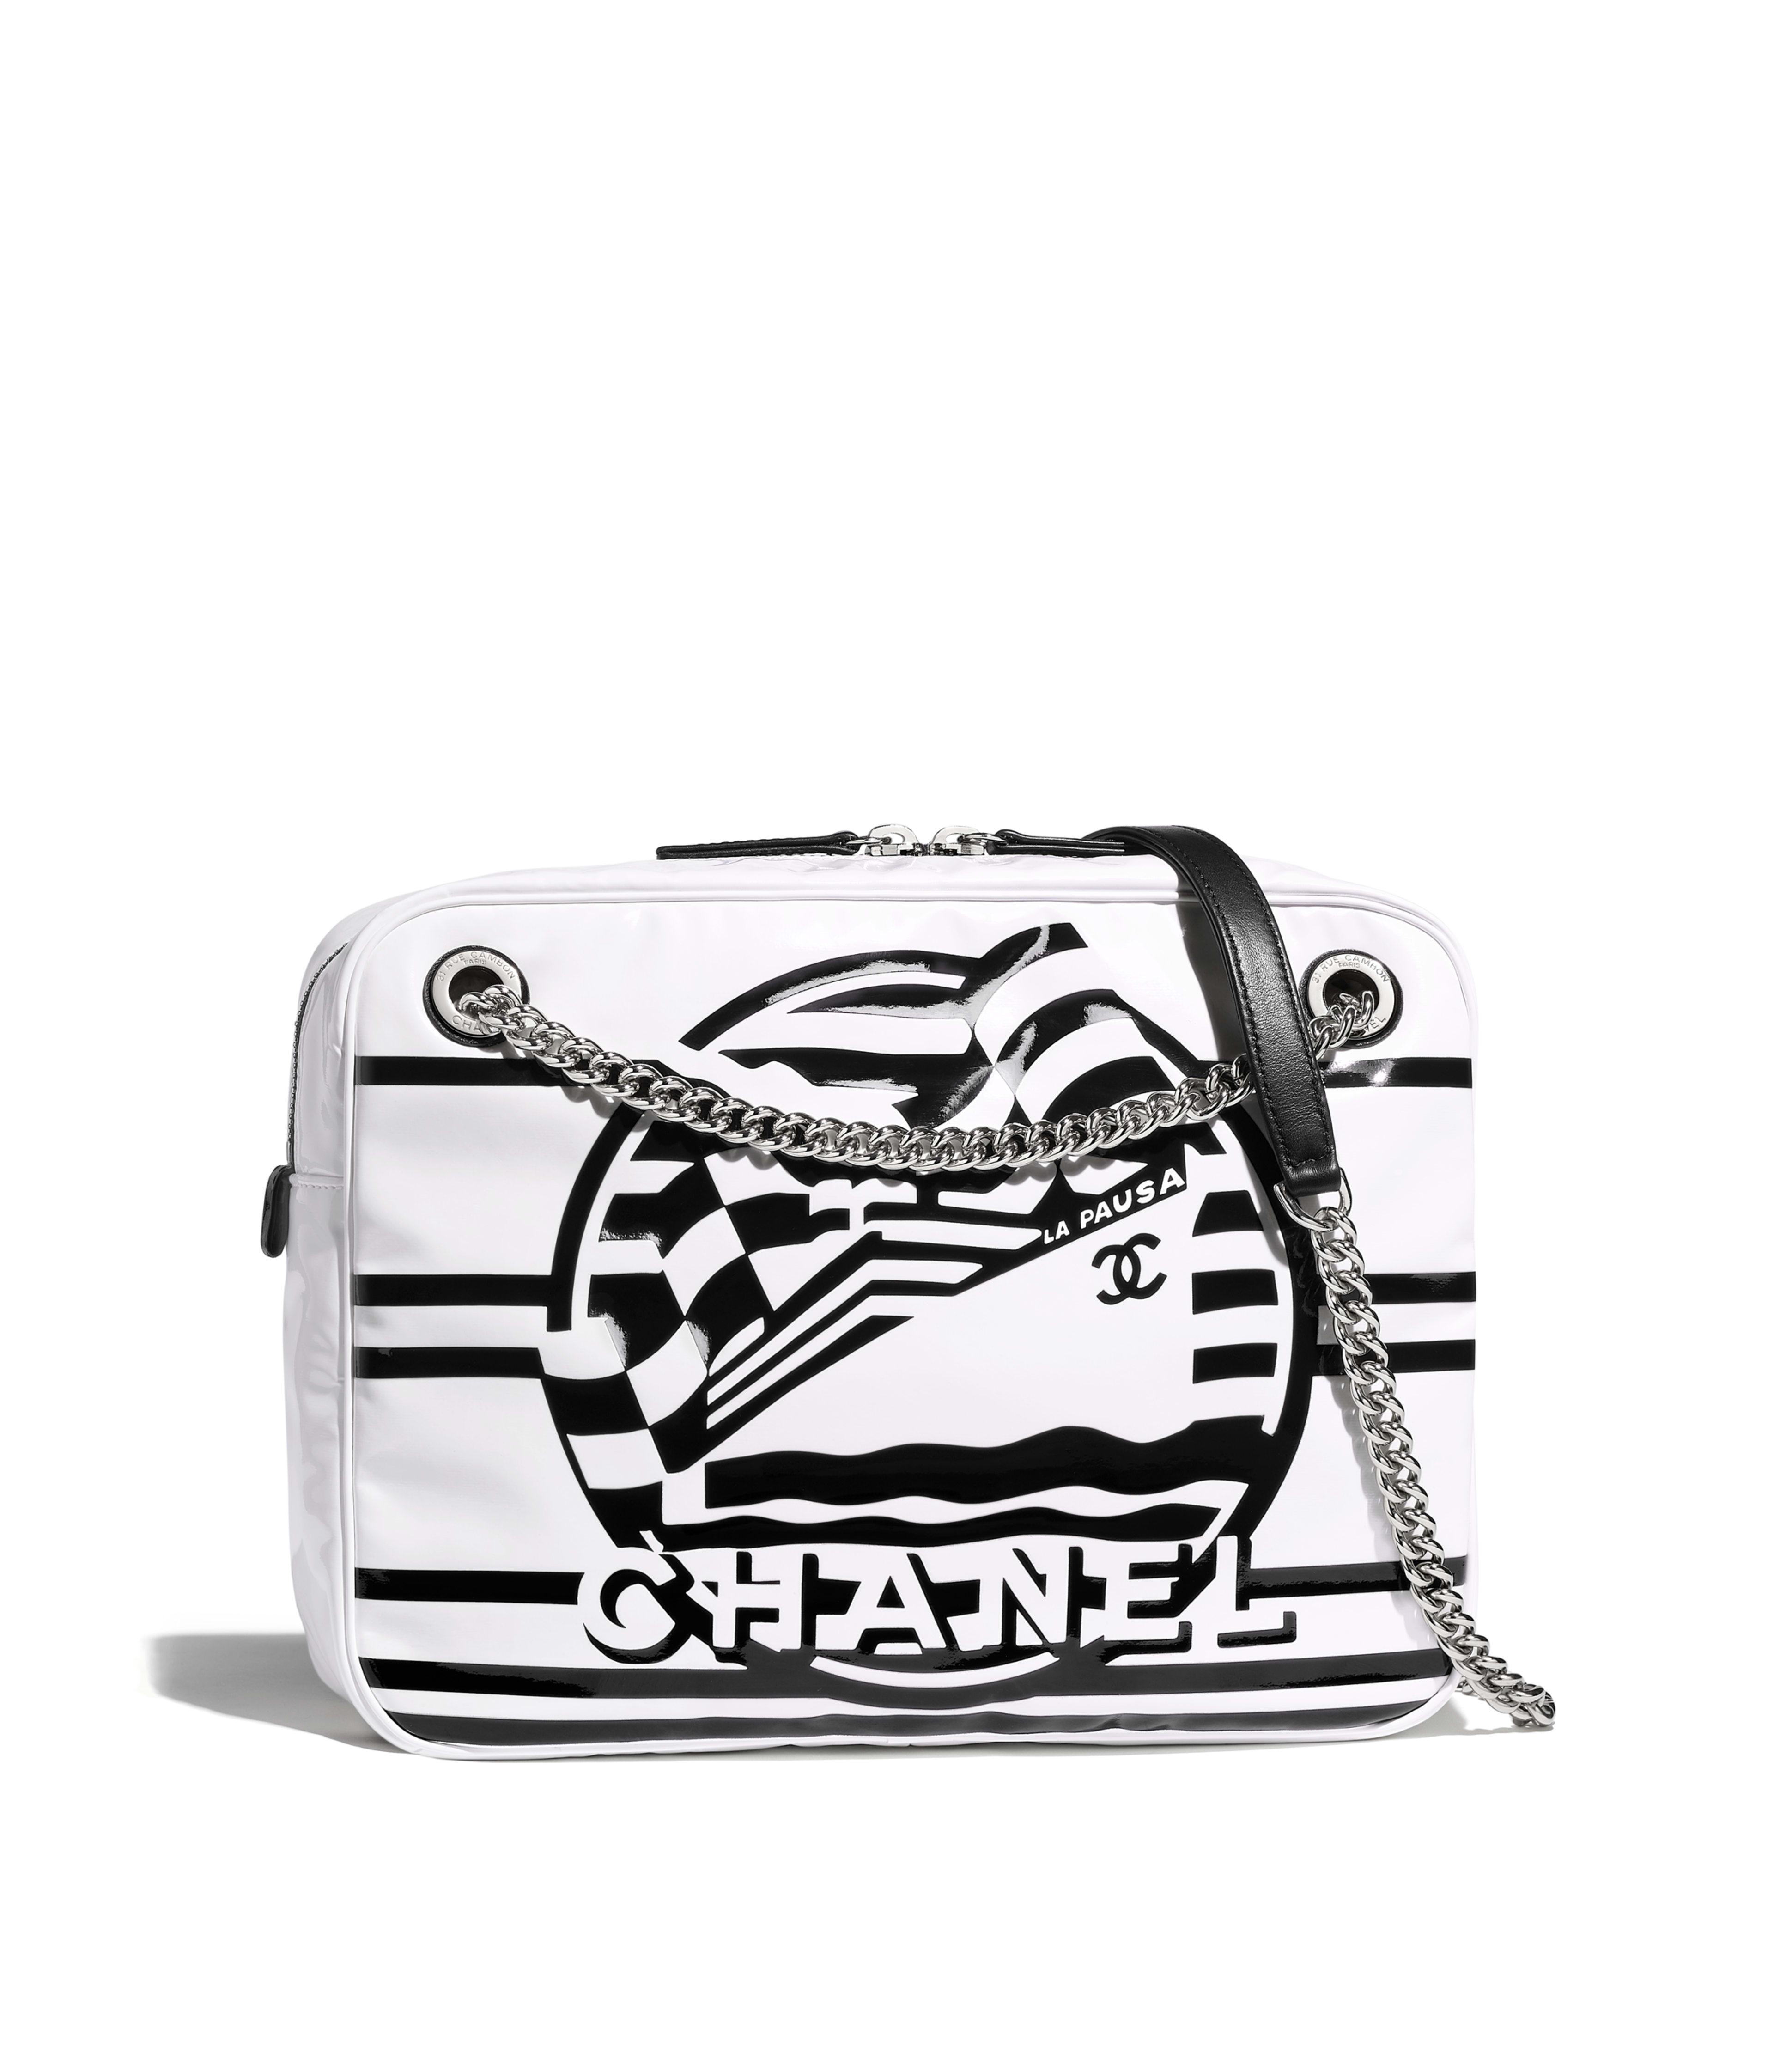 cb0a6a796cd Camera Cases - Handbags